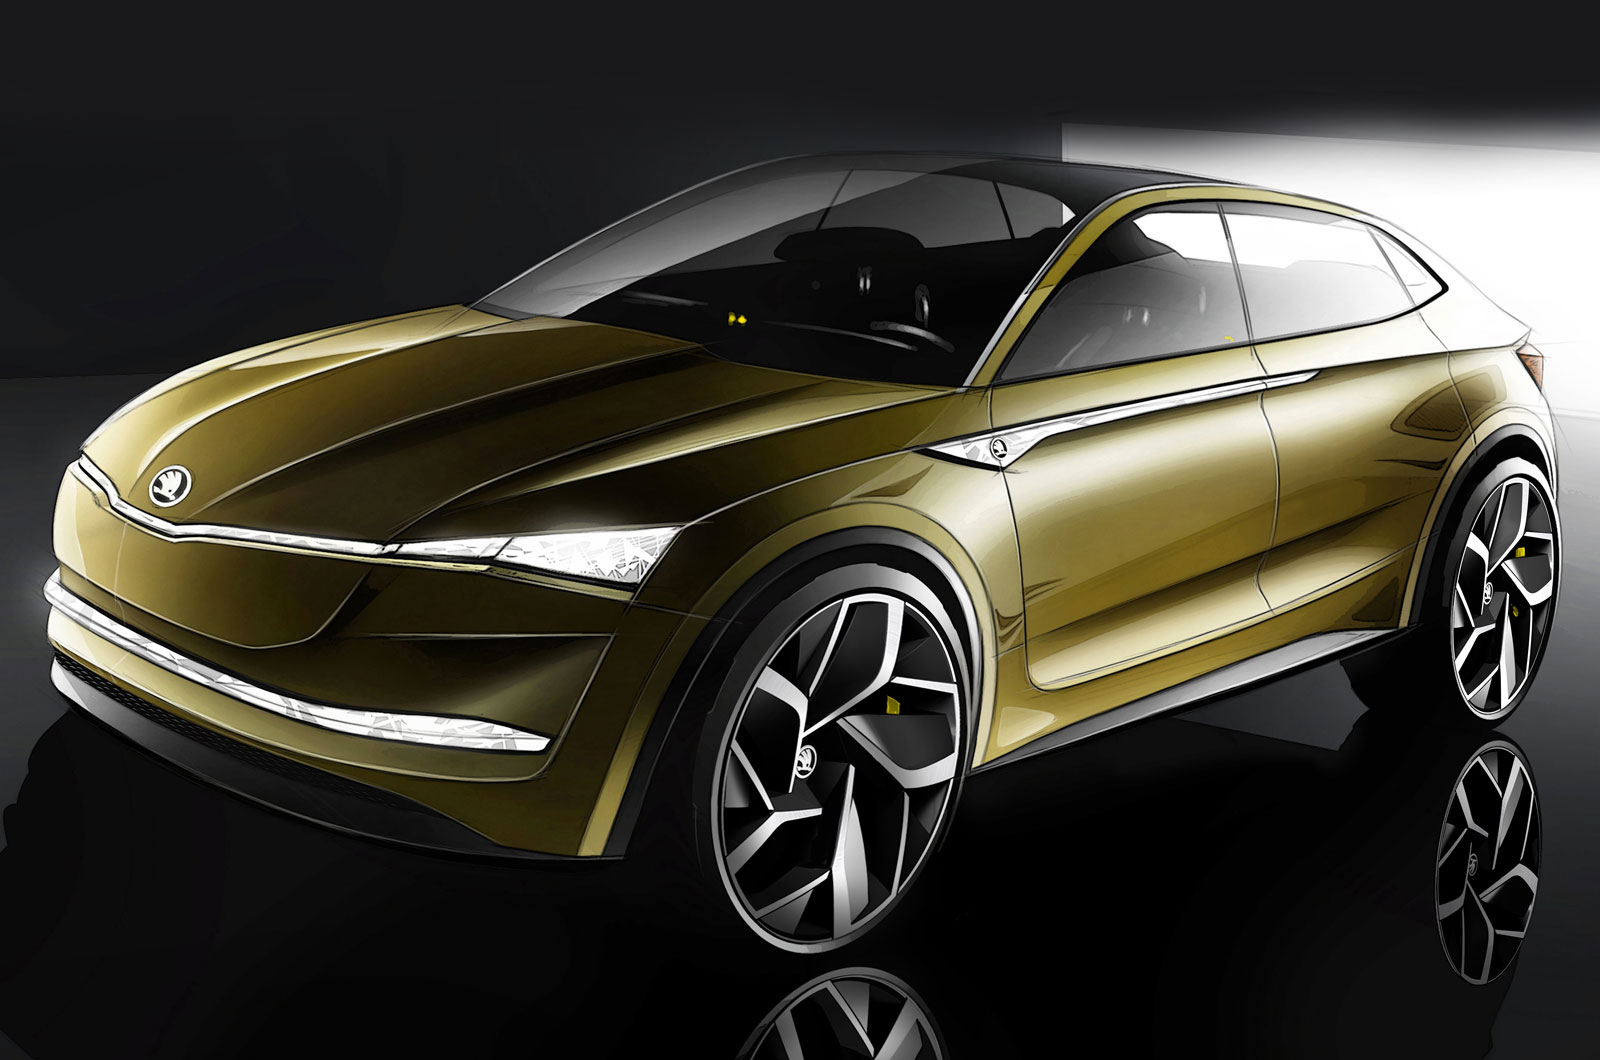 Aston Martin Second Hand >> Skoda Vision E electric SUV concept interior revealed | Autocar